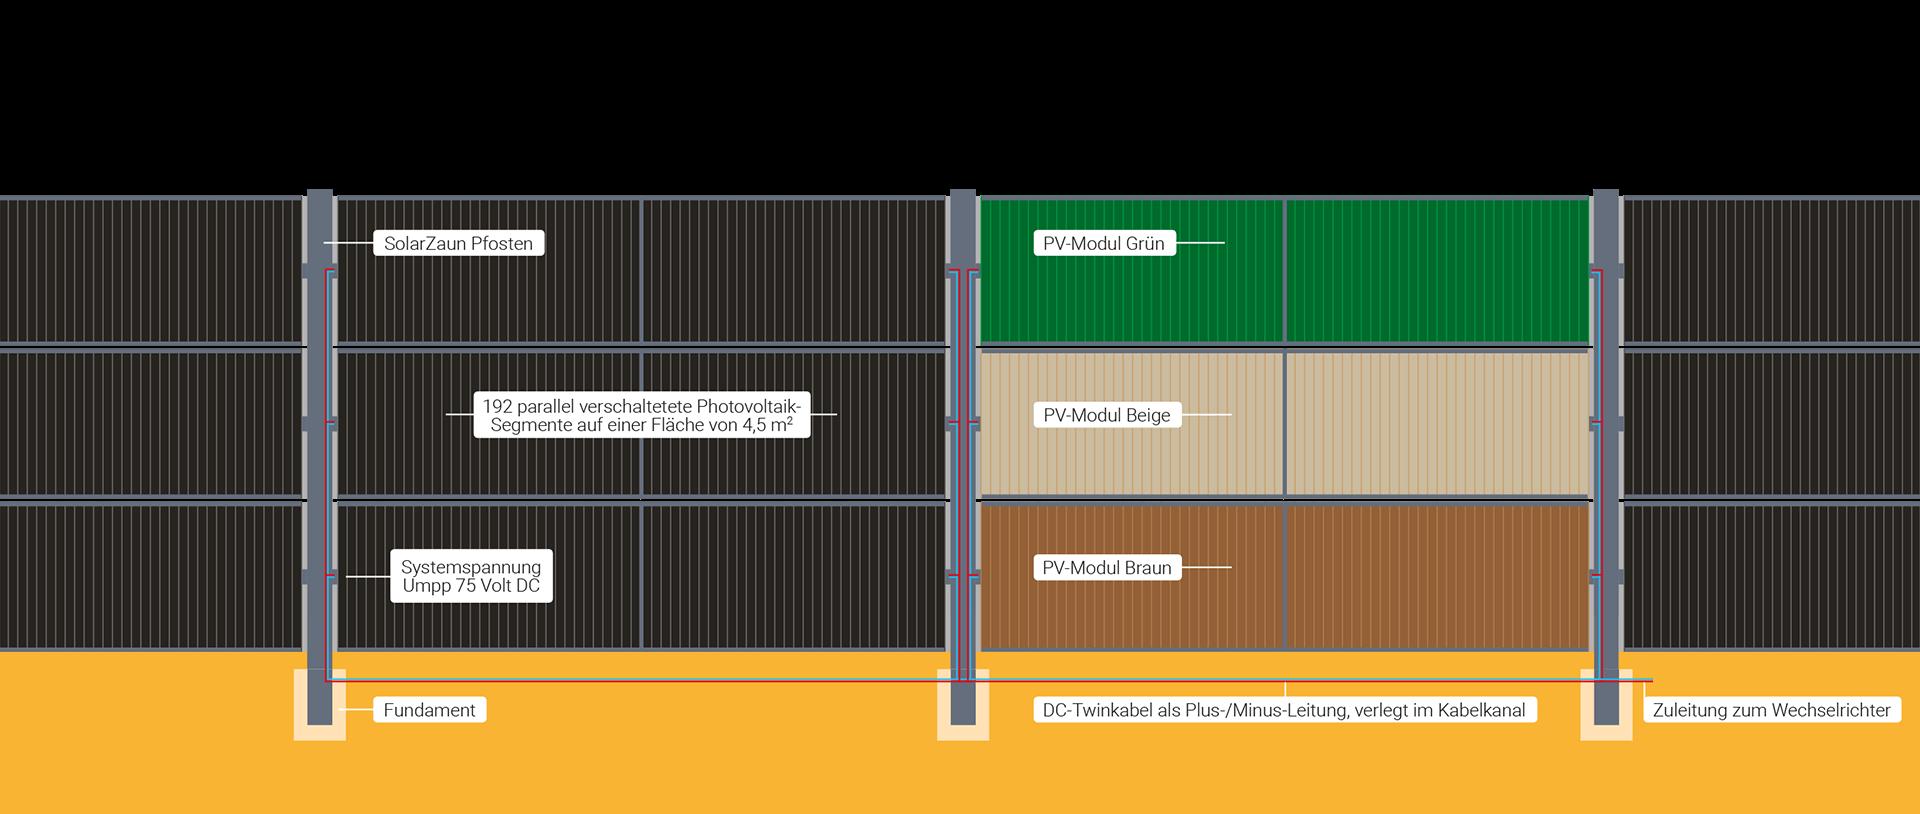 Die einzelnen Komponenten des SolarZaun Solar Zaun